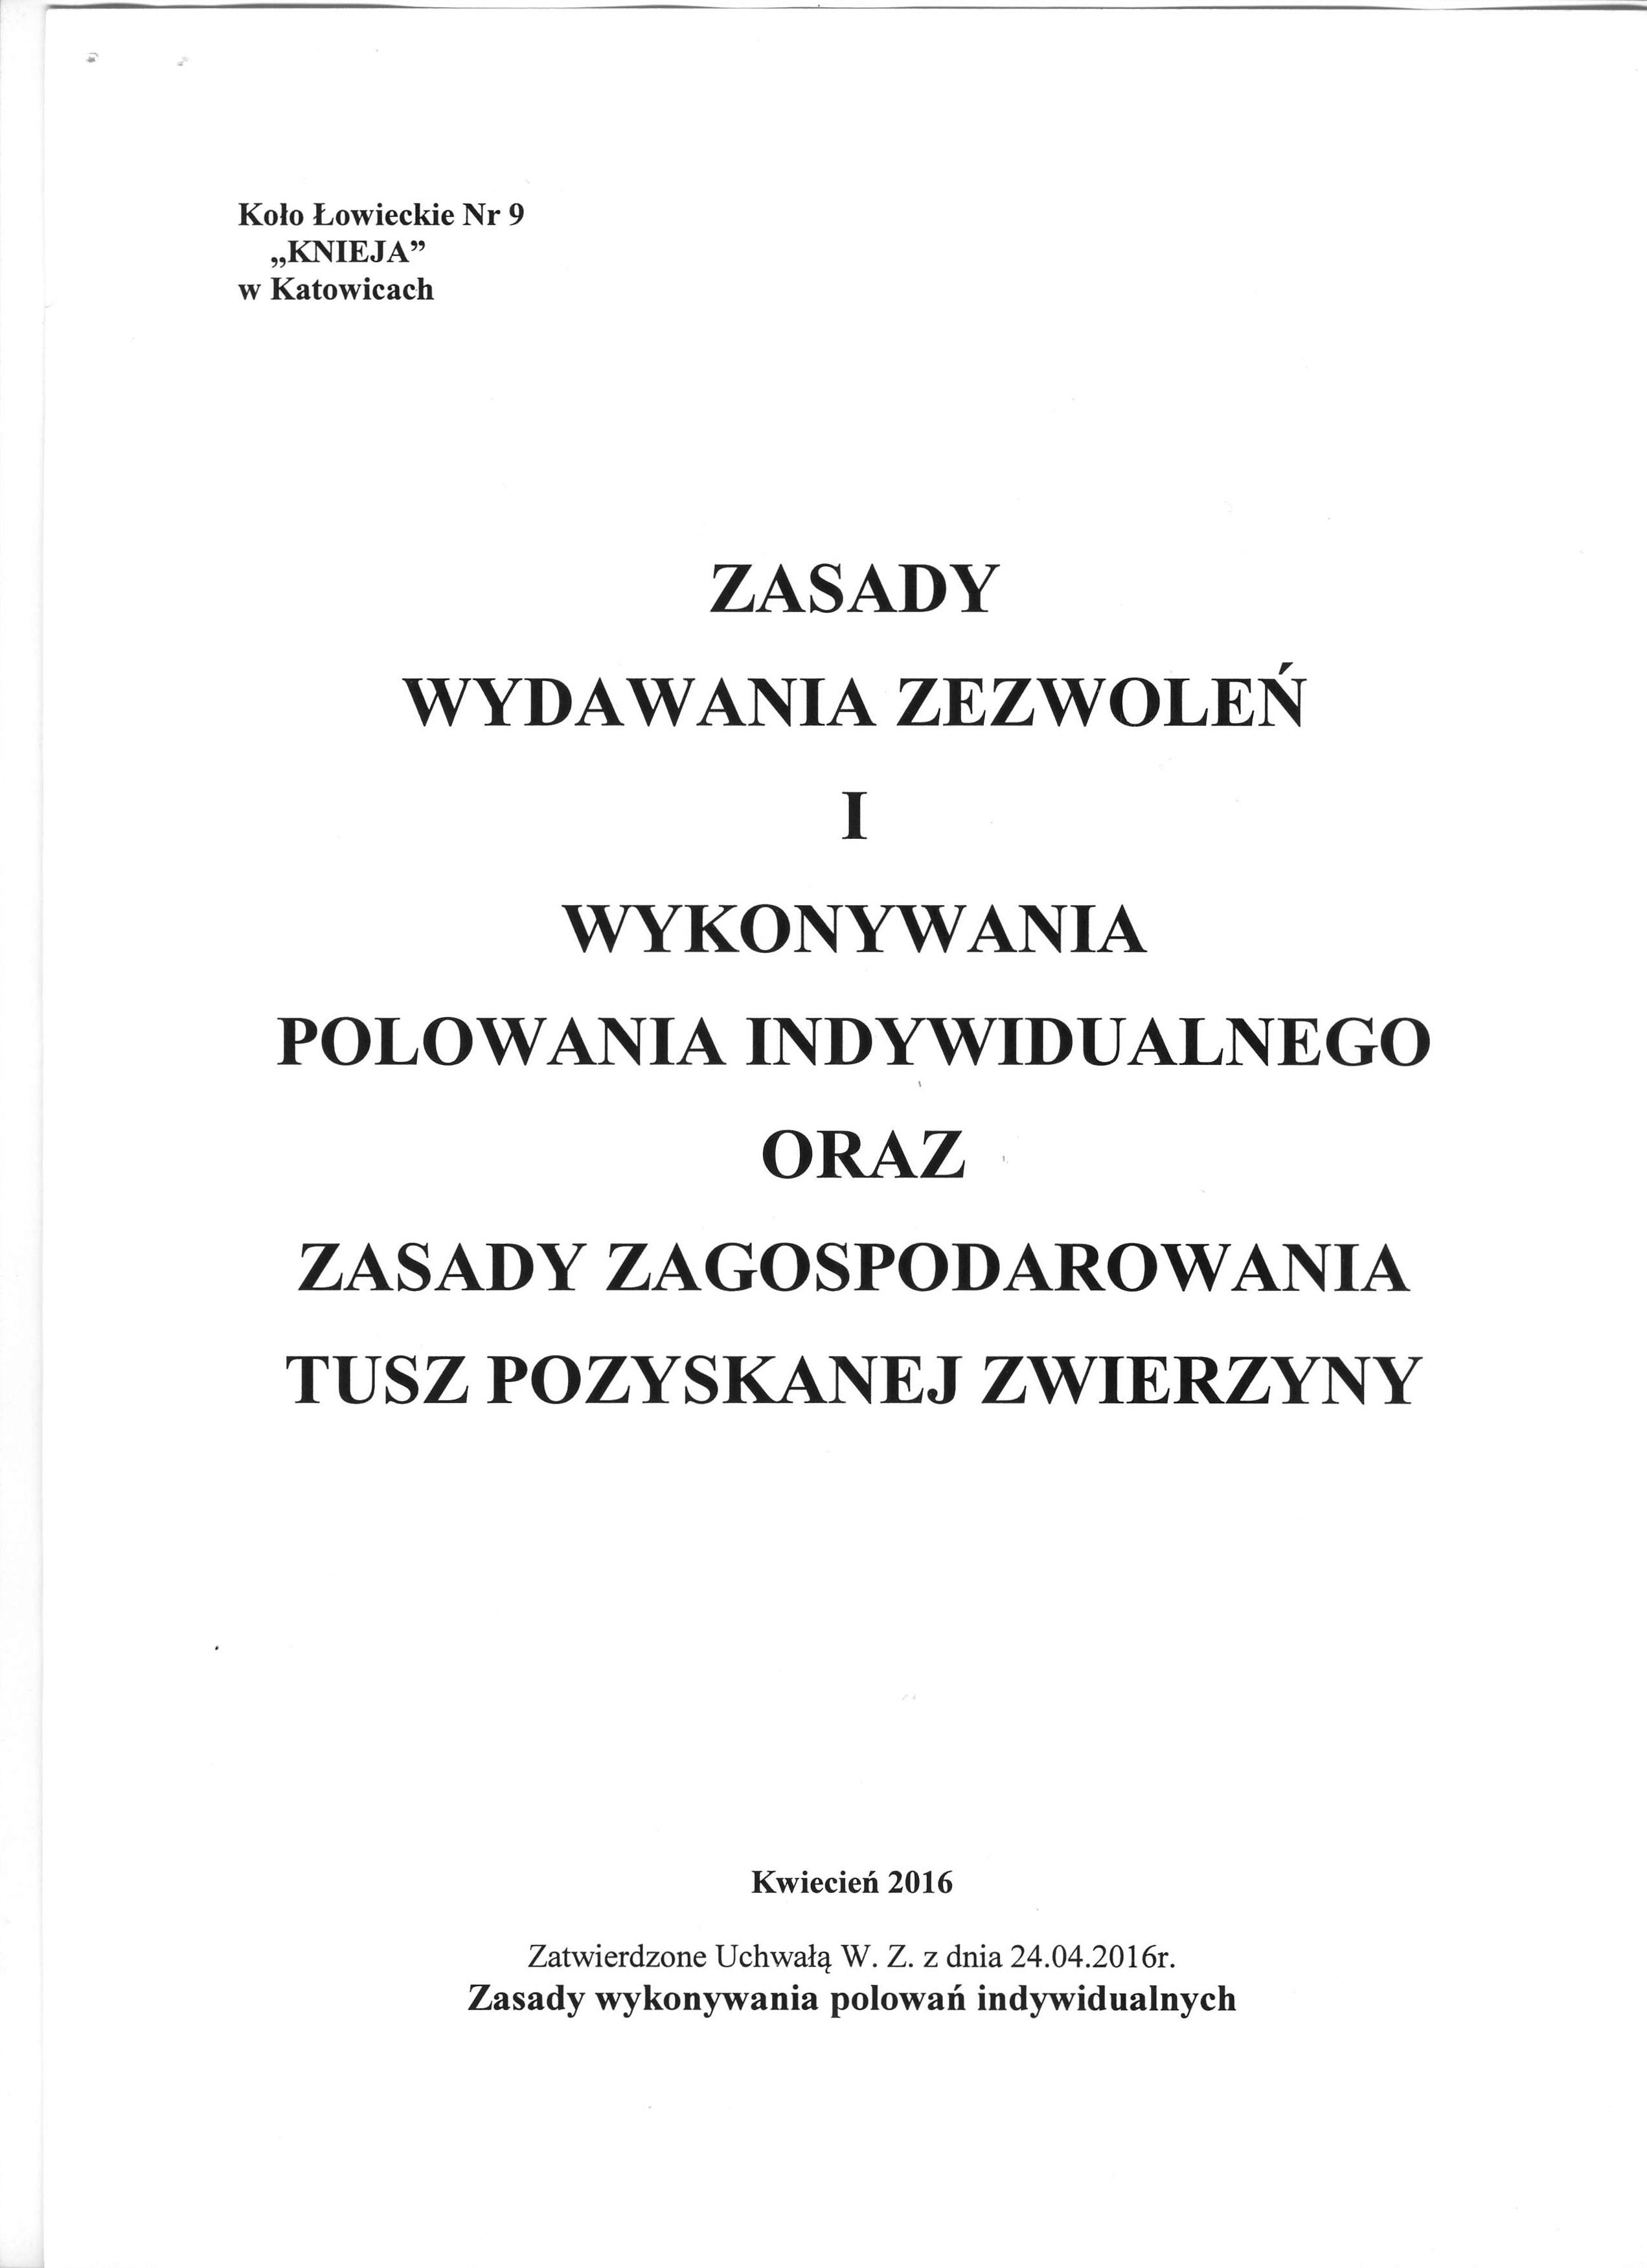 Zasady wykonywania polowań indywidualnych (1)